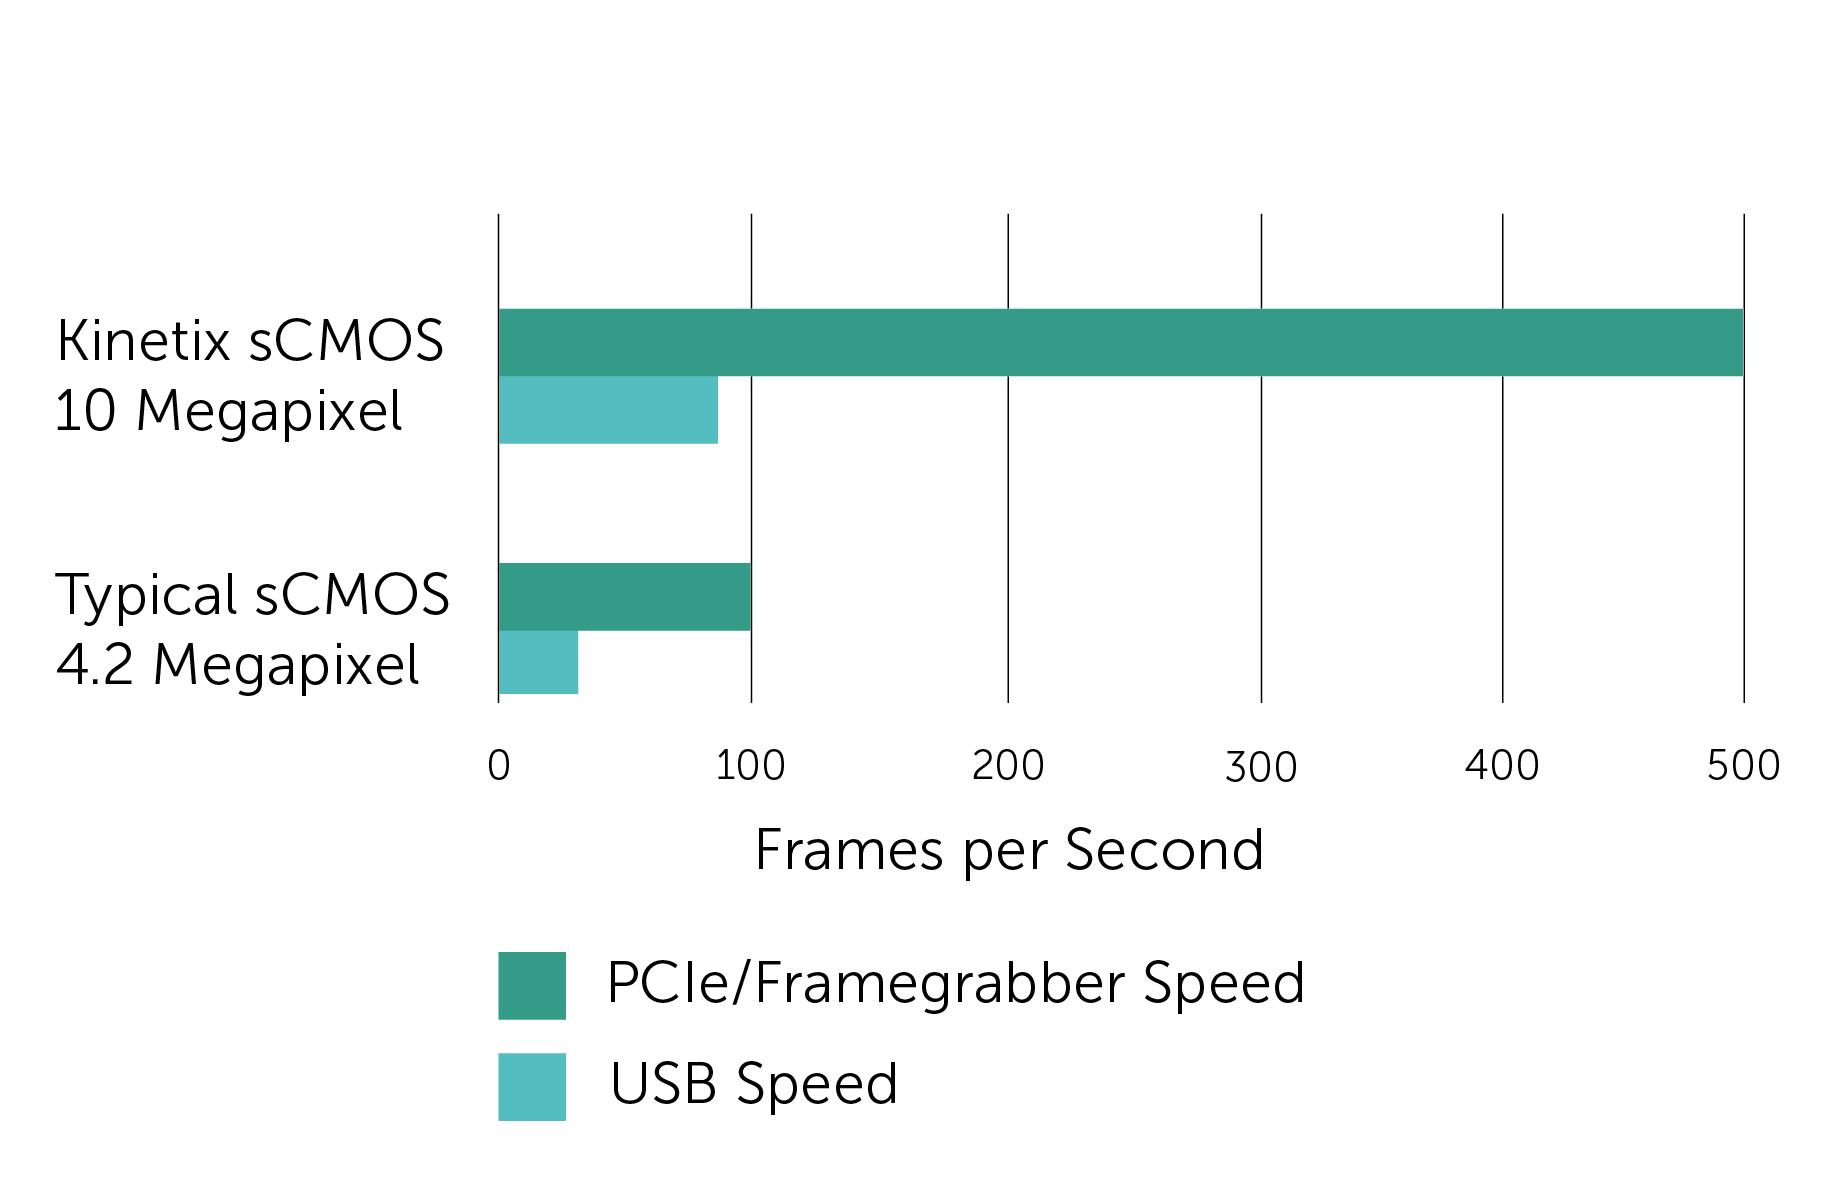 Frames per second graph